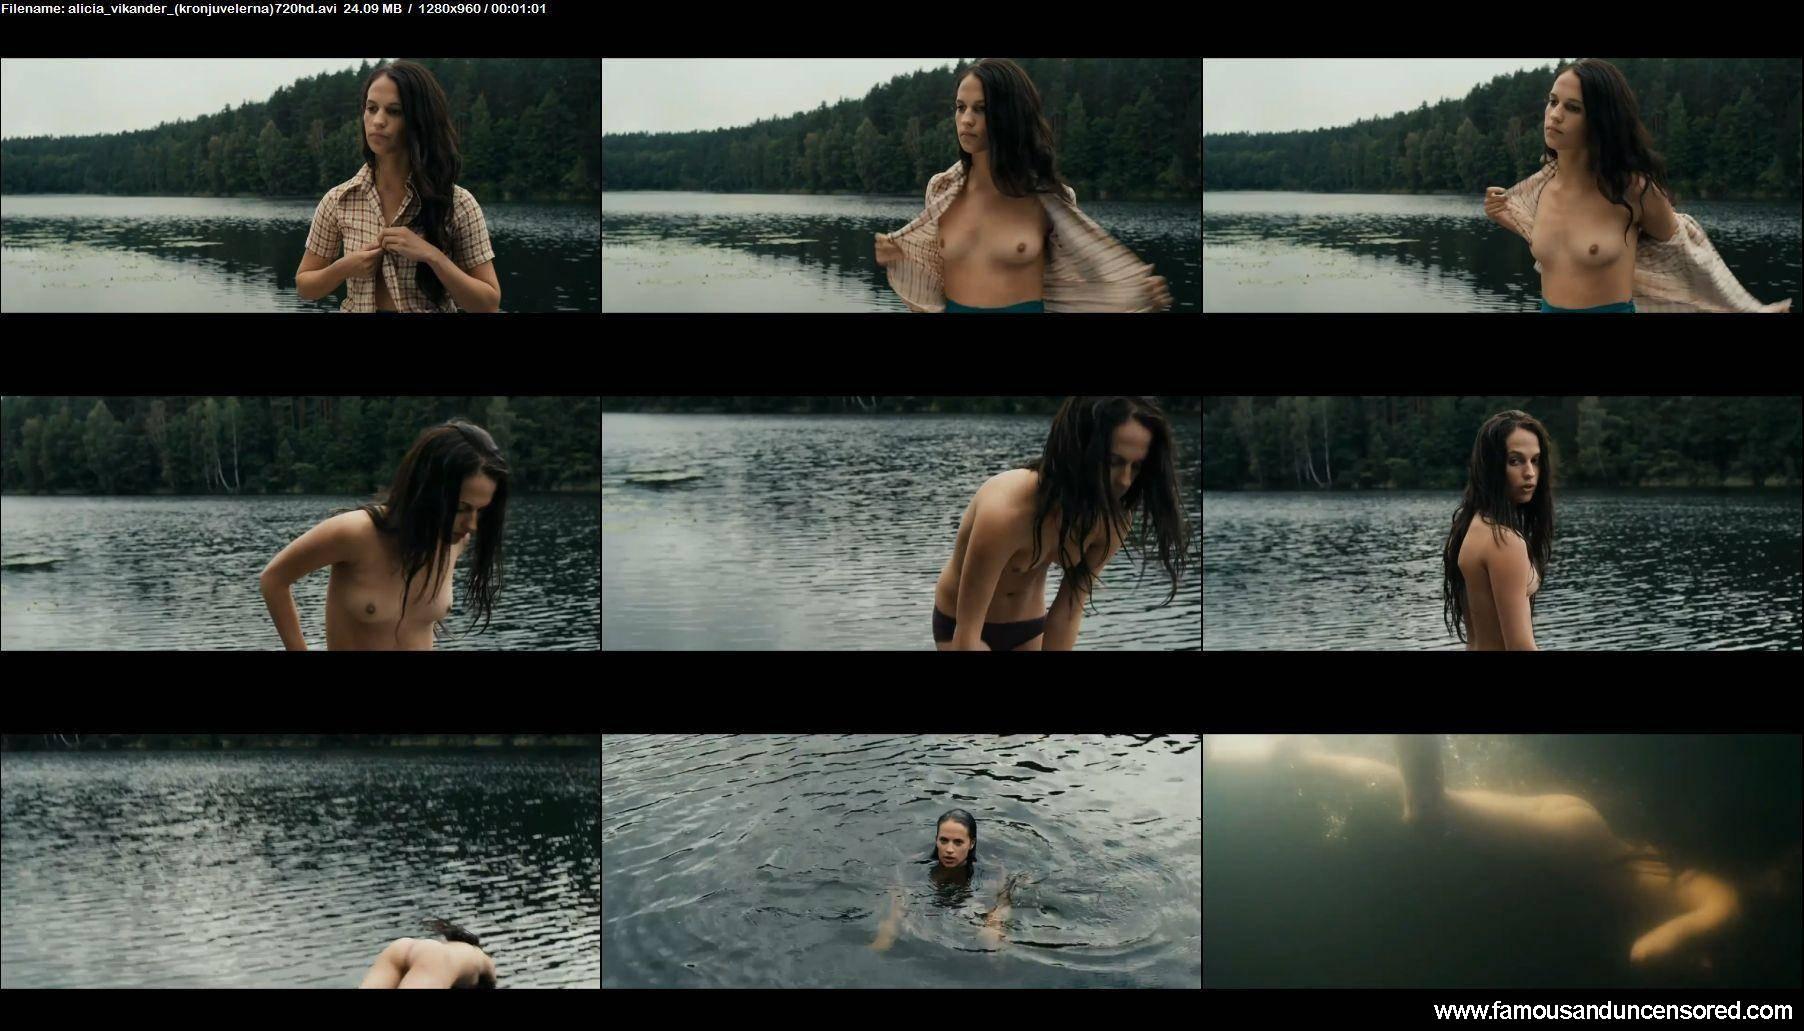 Alicia_Vikander's Porn alicia vikander nude sex porn images   joss picture cam